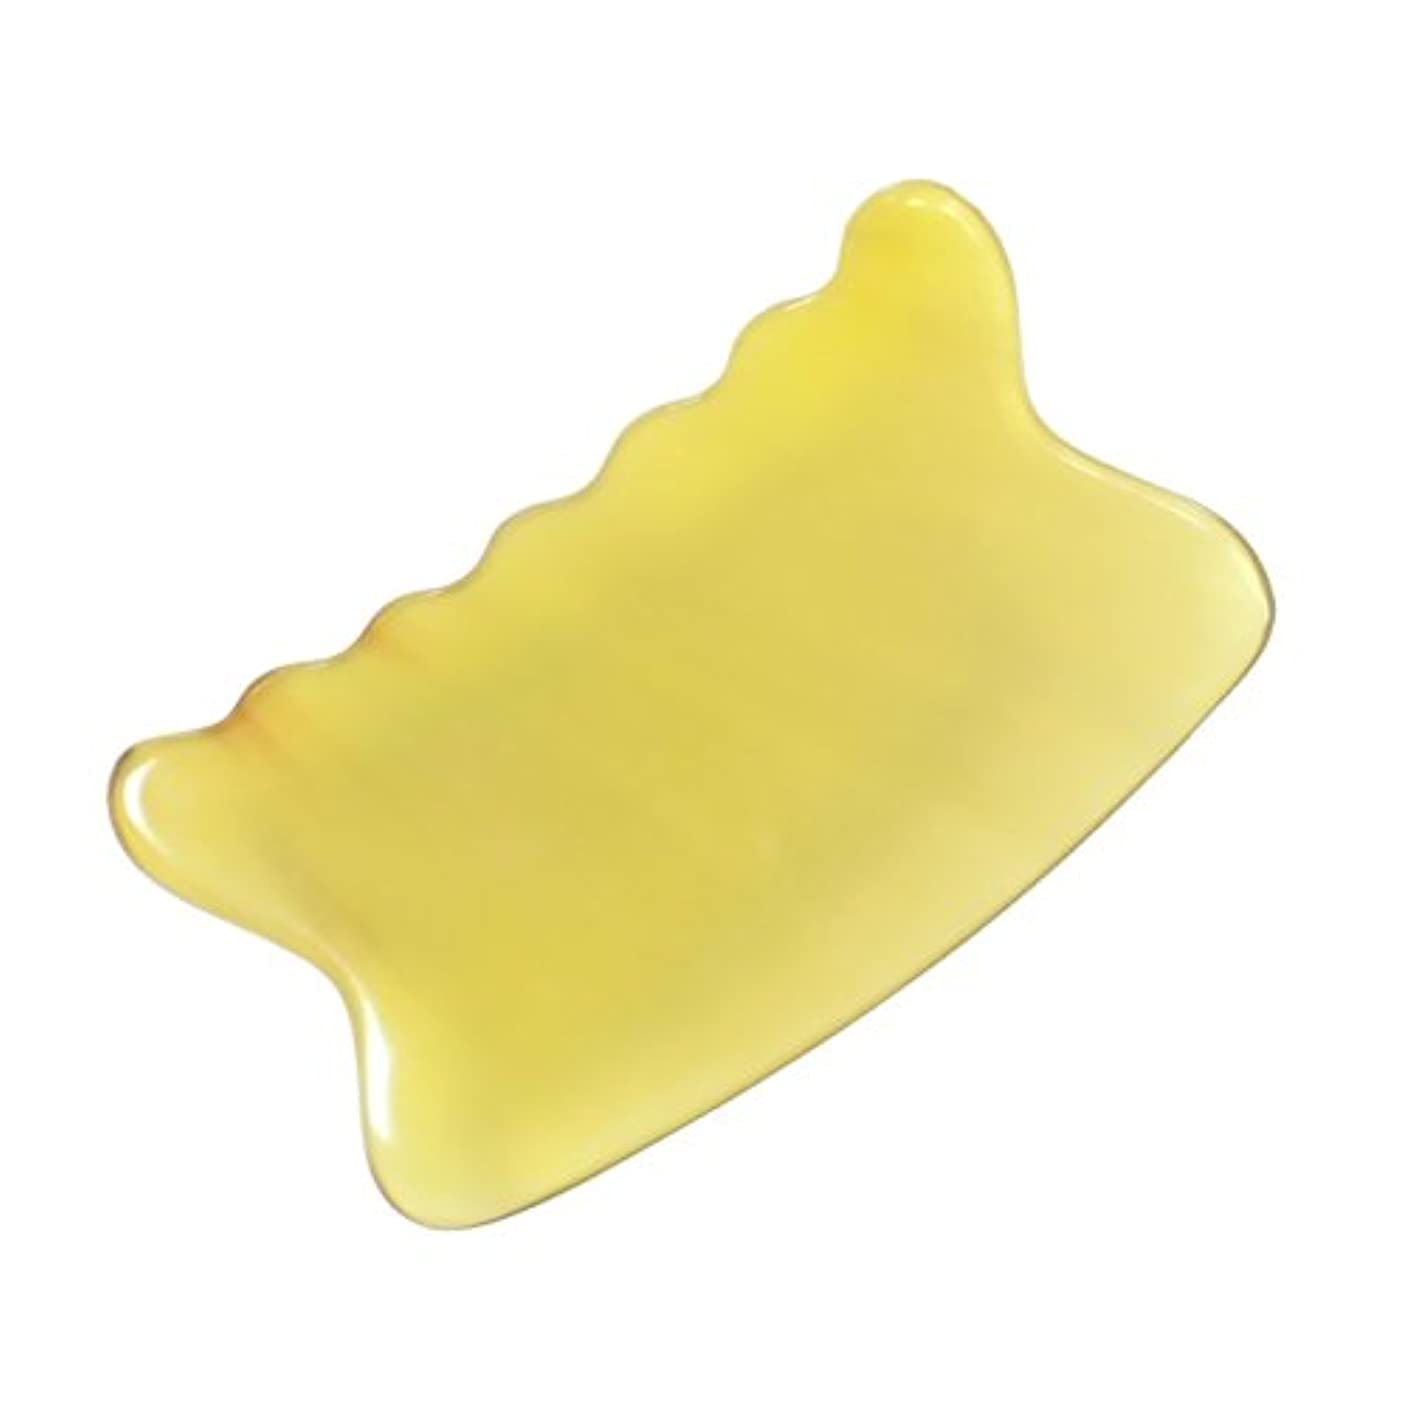 パブ祝福眼かっさ プレート 希少63 黄水牛角 極美品 曲波型